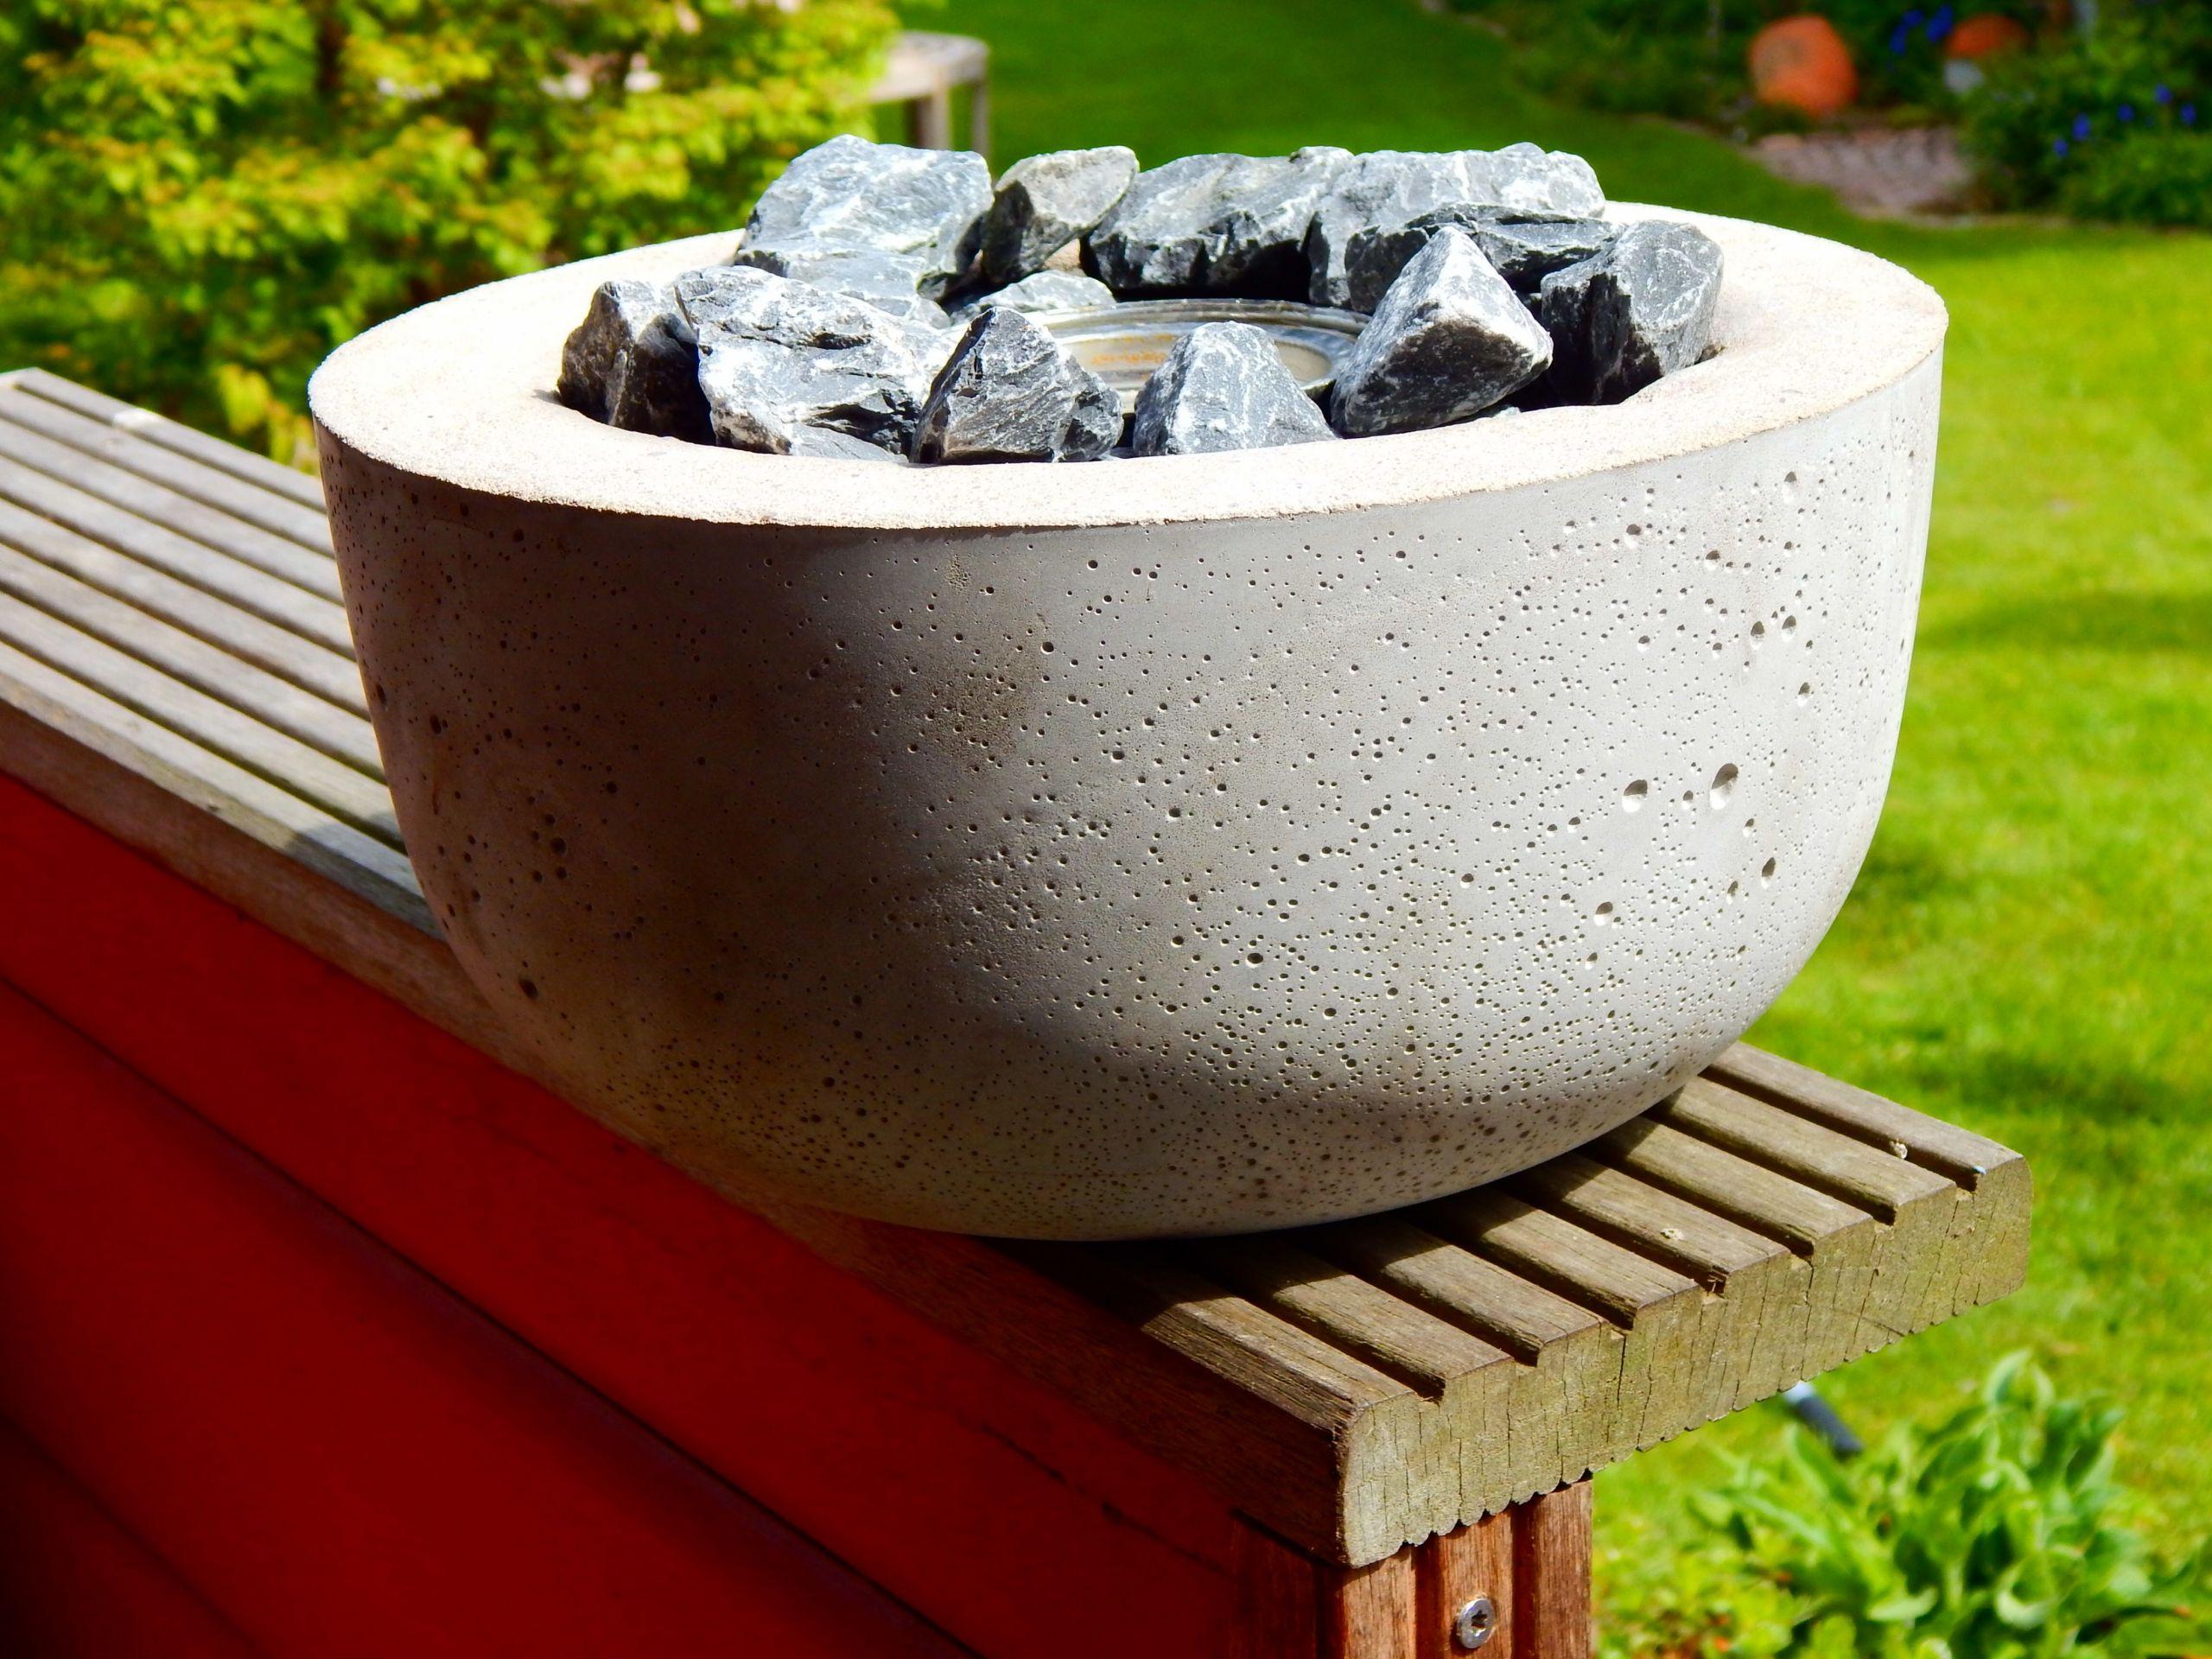 kleine feuerschale terrassenfeuer aus quick beton und dose mit basteln mit kindern sommer und ganzjahrig basteln mit kindern sommer und ganzjahrig